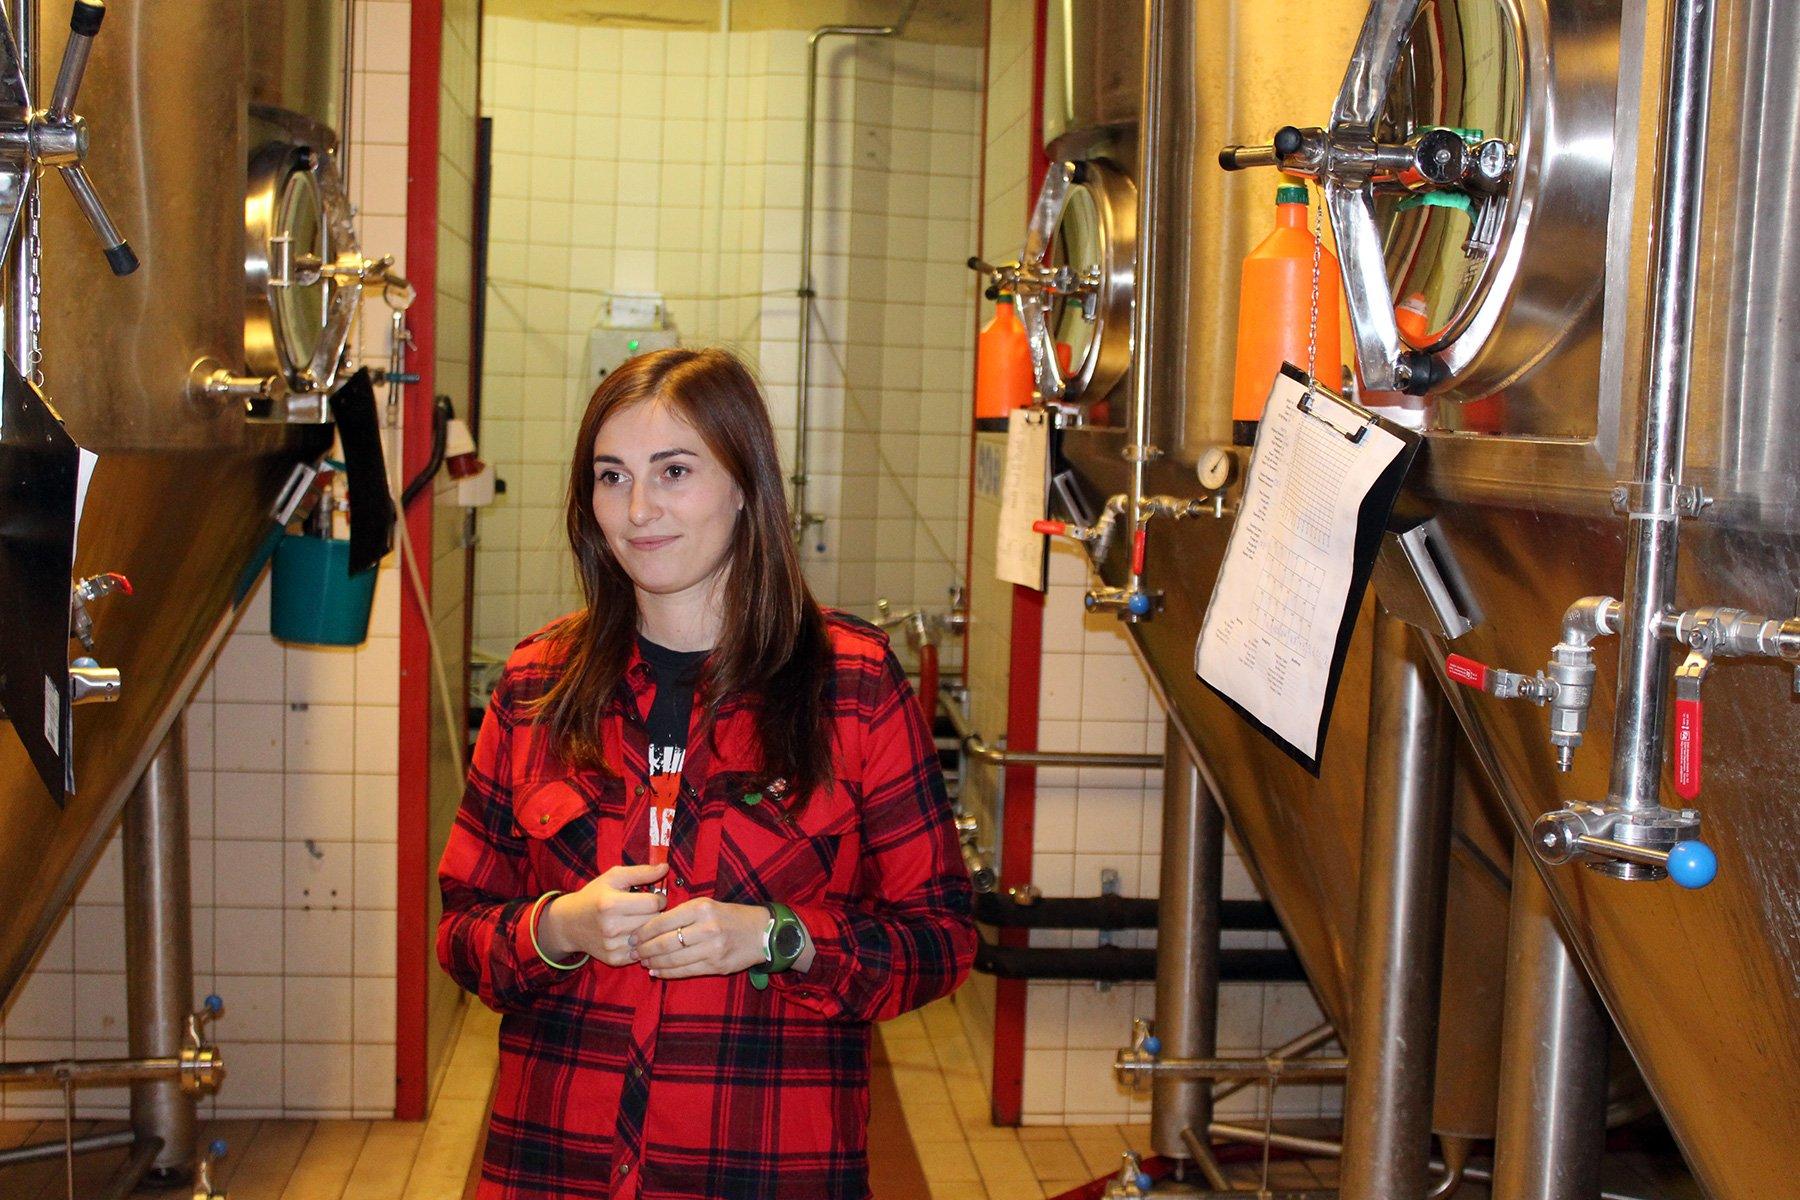 Юлія каже, що українське крафтове пивоваріння дуже молоде